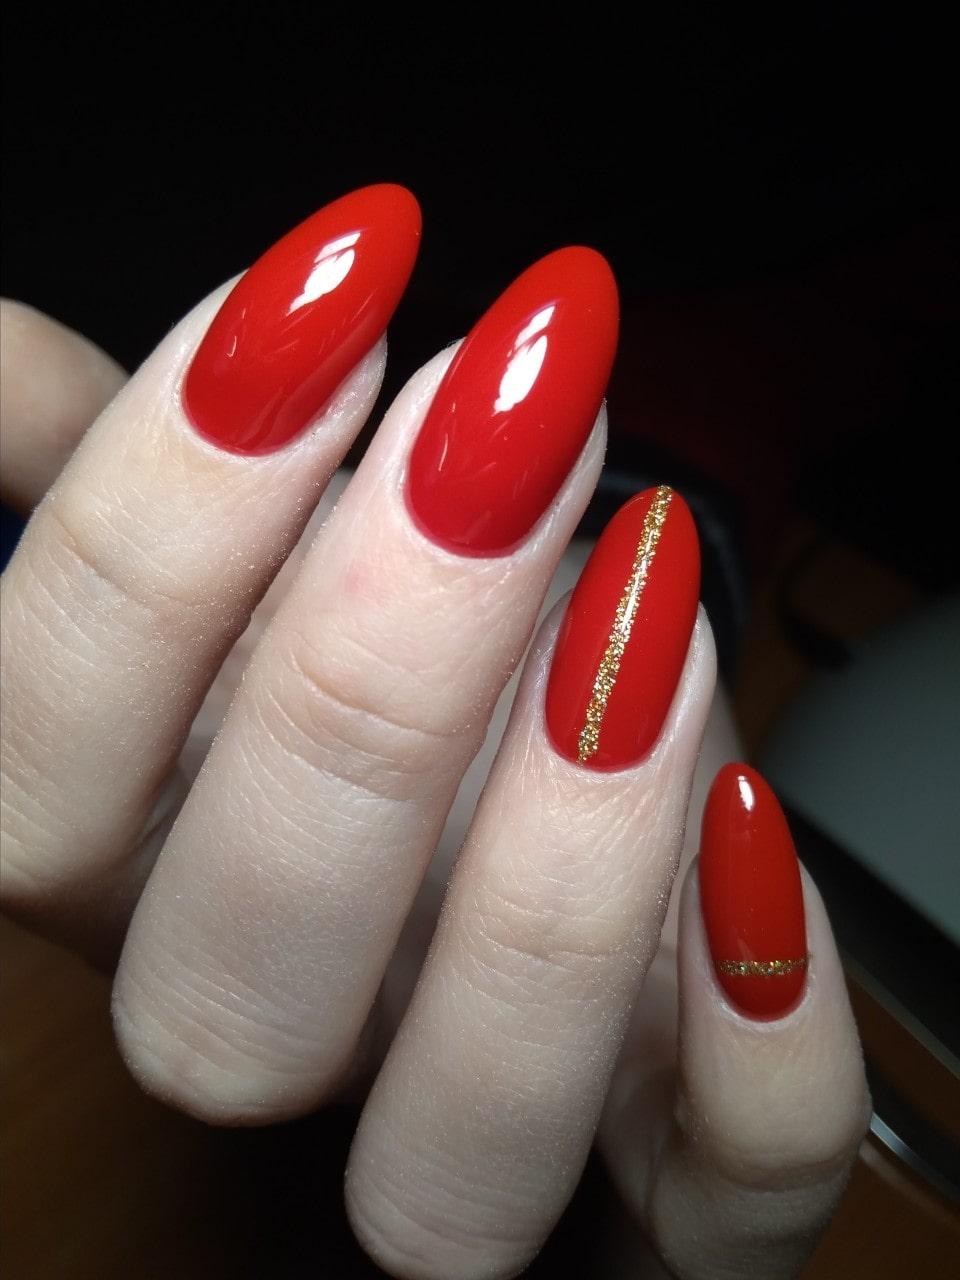 красный маникюр с золотой полоской, на миндалевидной форме ногтя